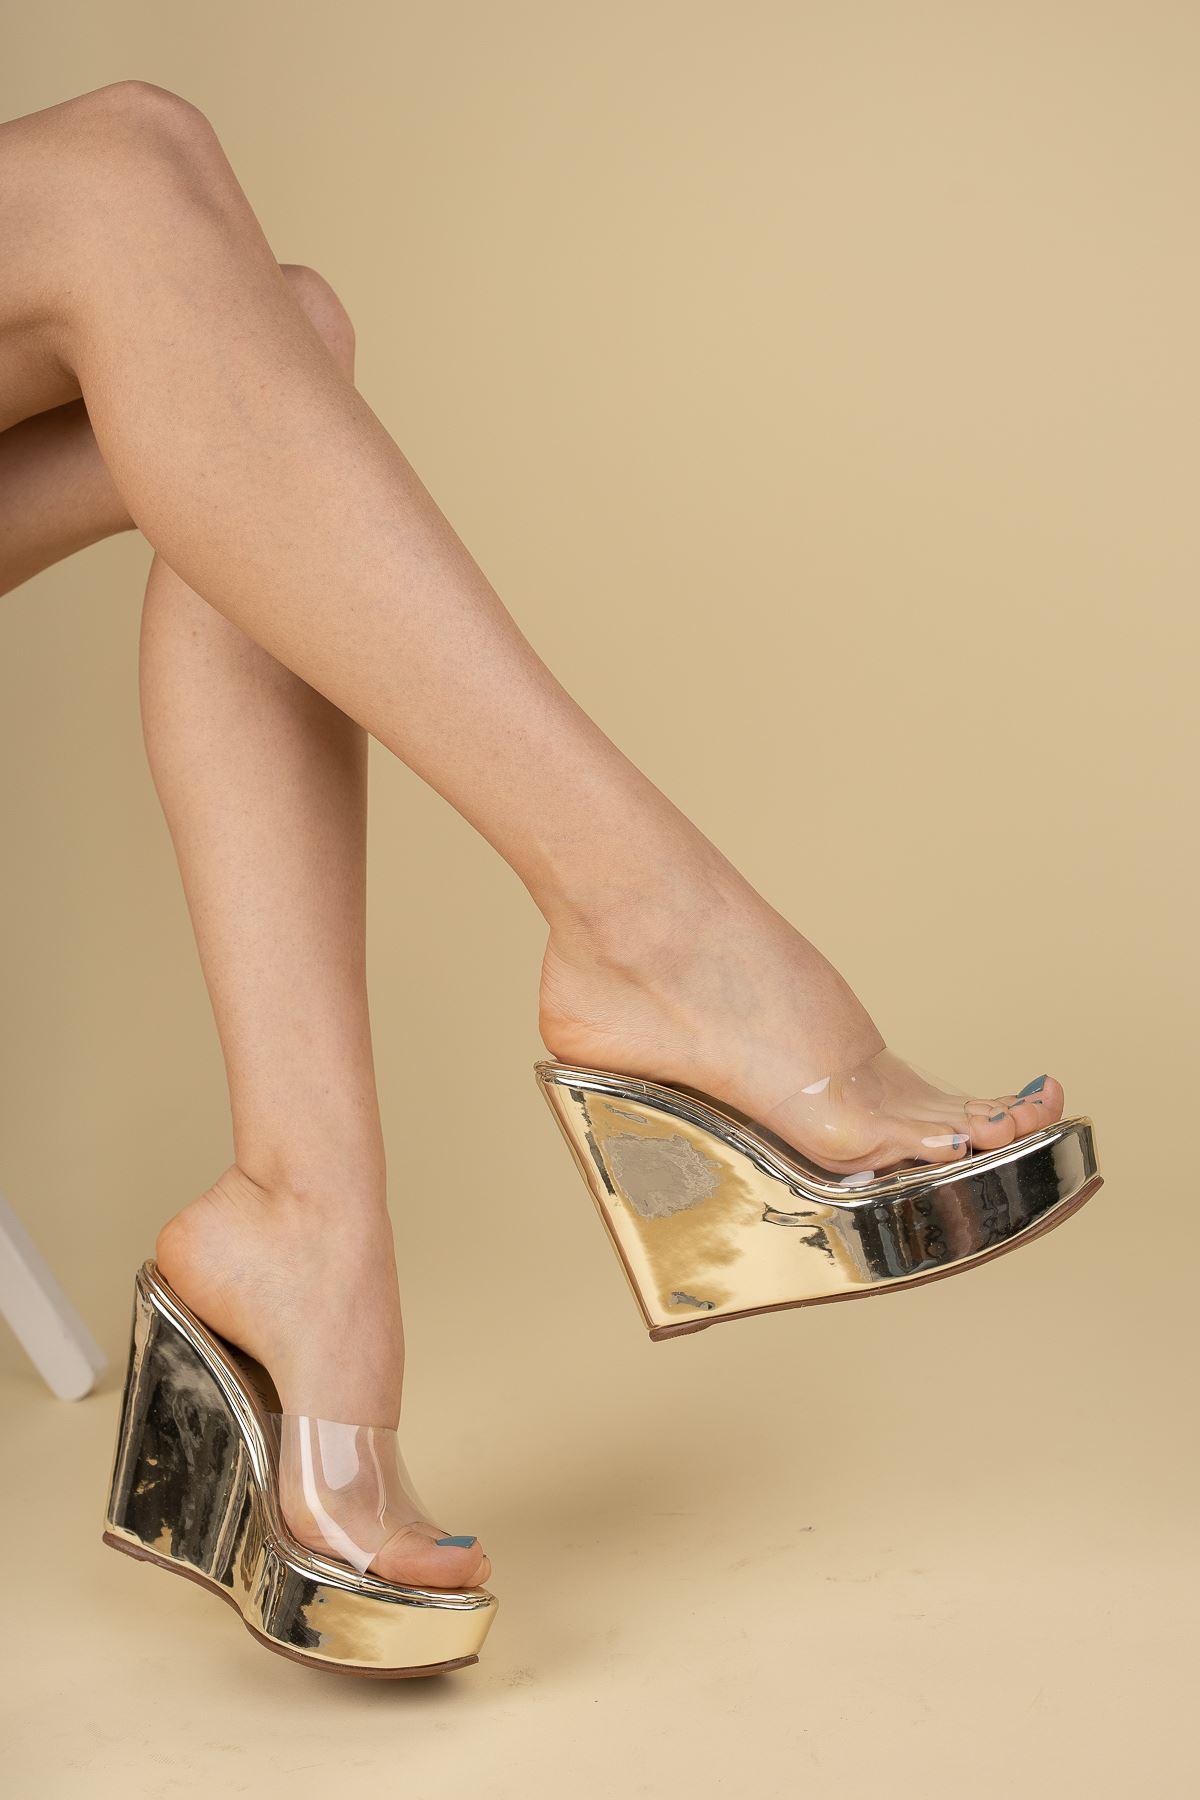 Adoles Altın Ayna - Şeffaf Dolgu Topuklu Kadın Terlik